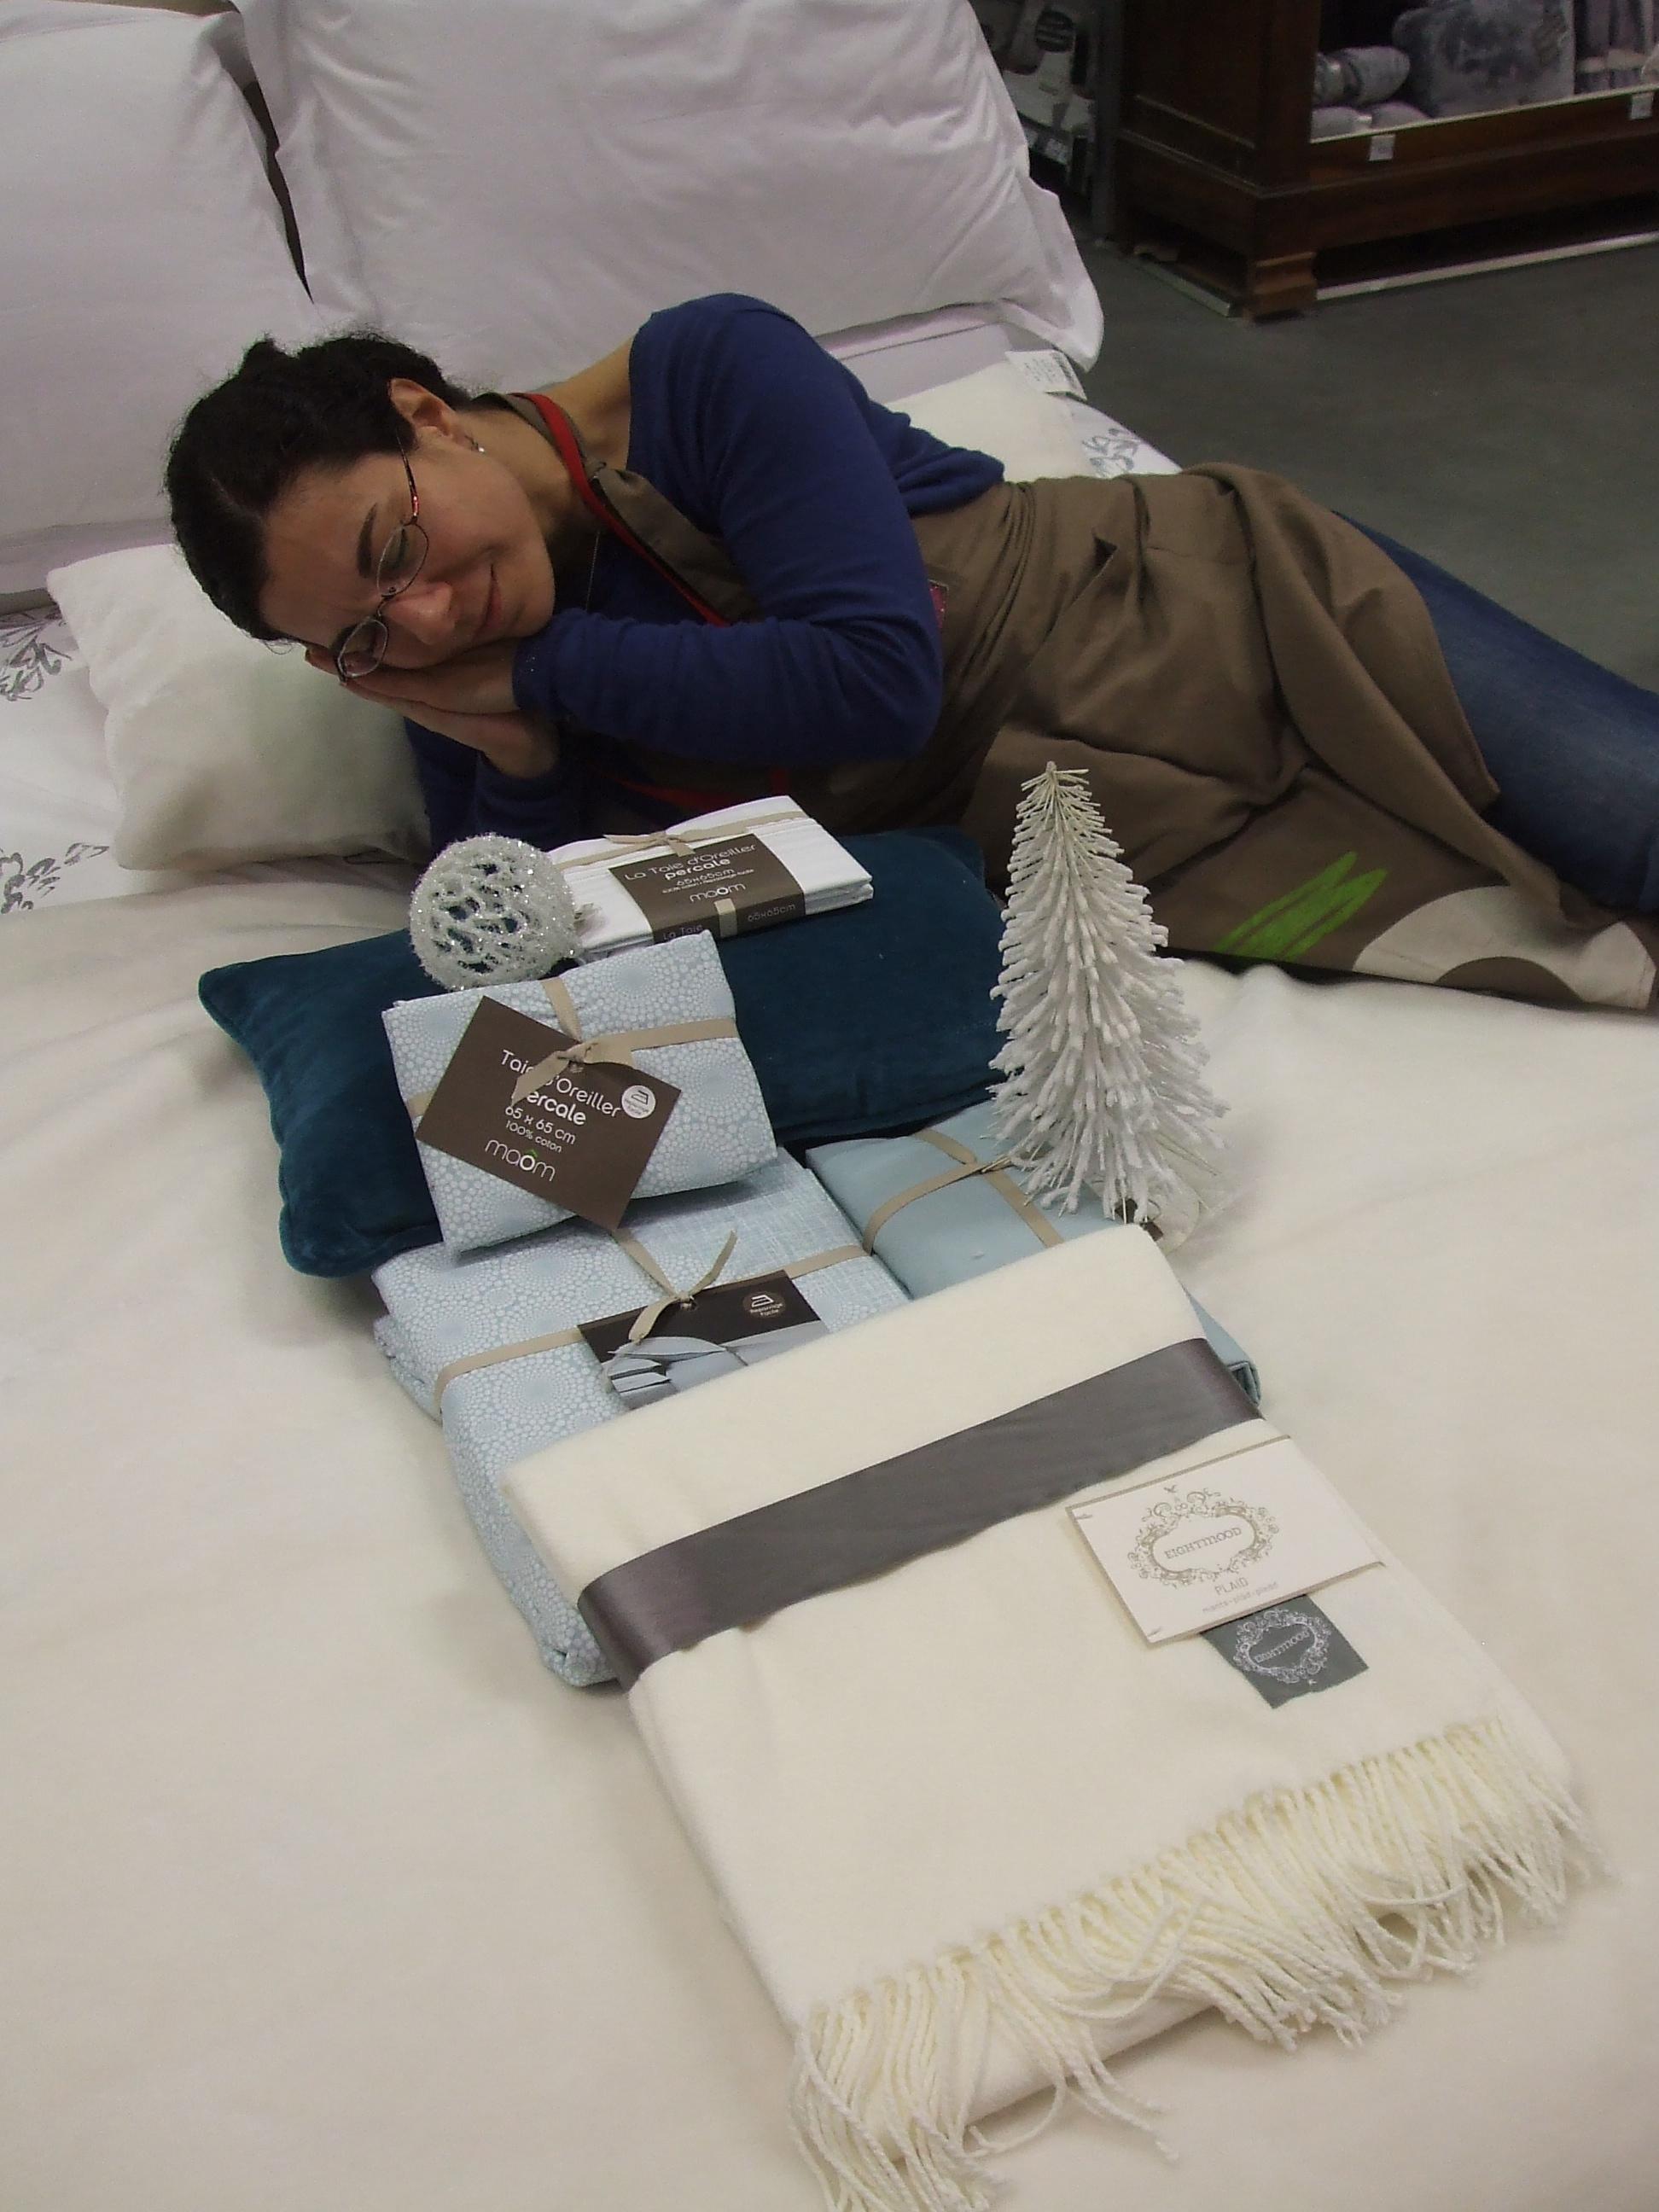 j 39 ai choisi une parure de lit pour ma maman blog z dio. Black Bedroom Furniture Sets. Home Design Ideas